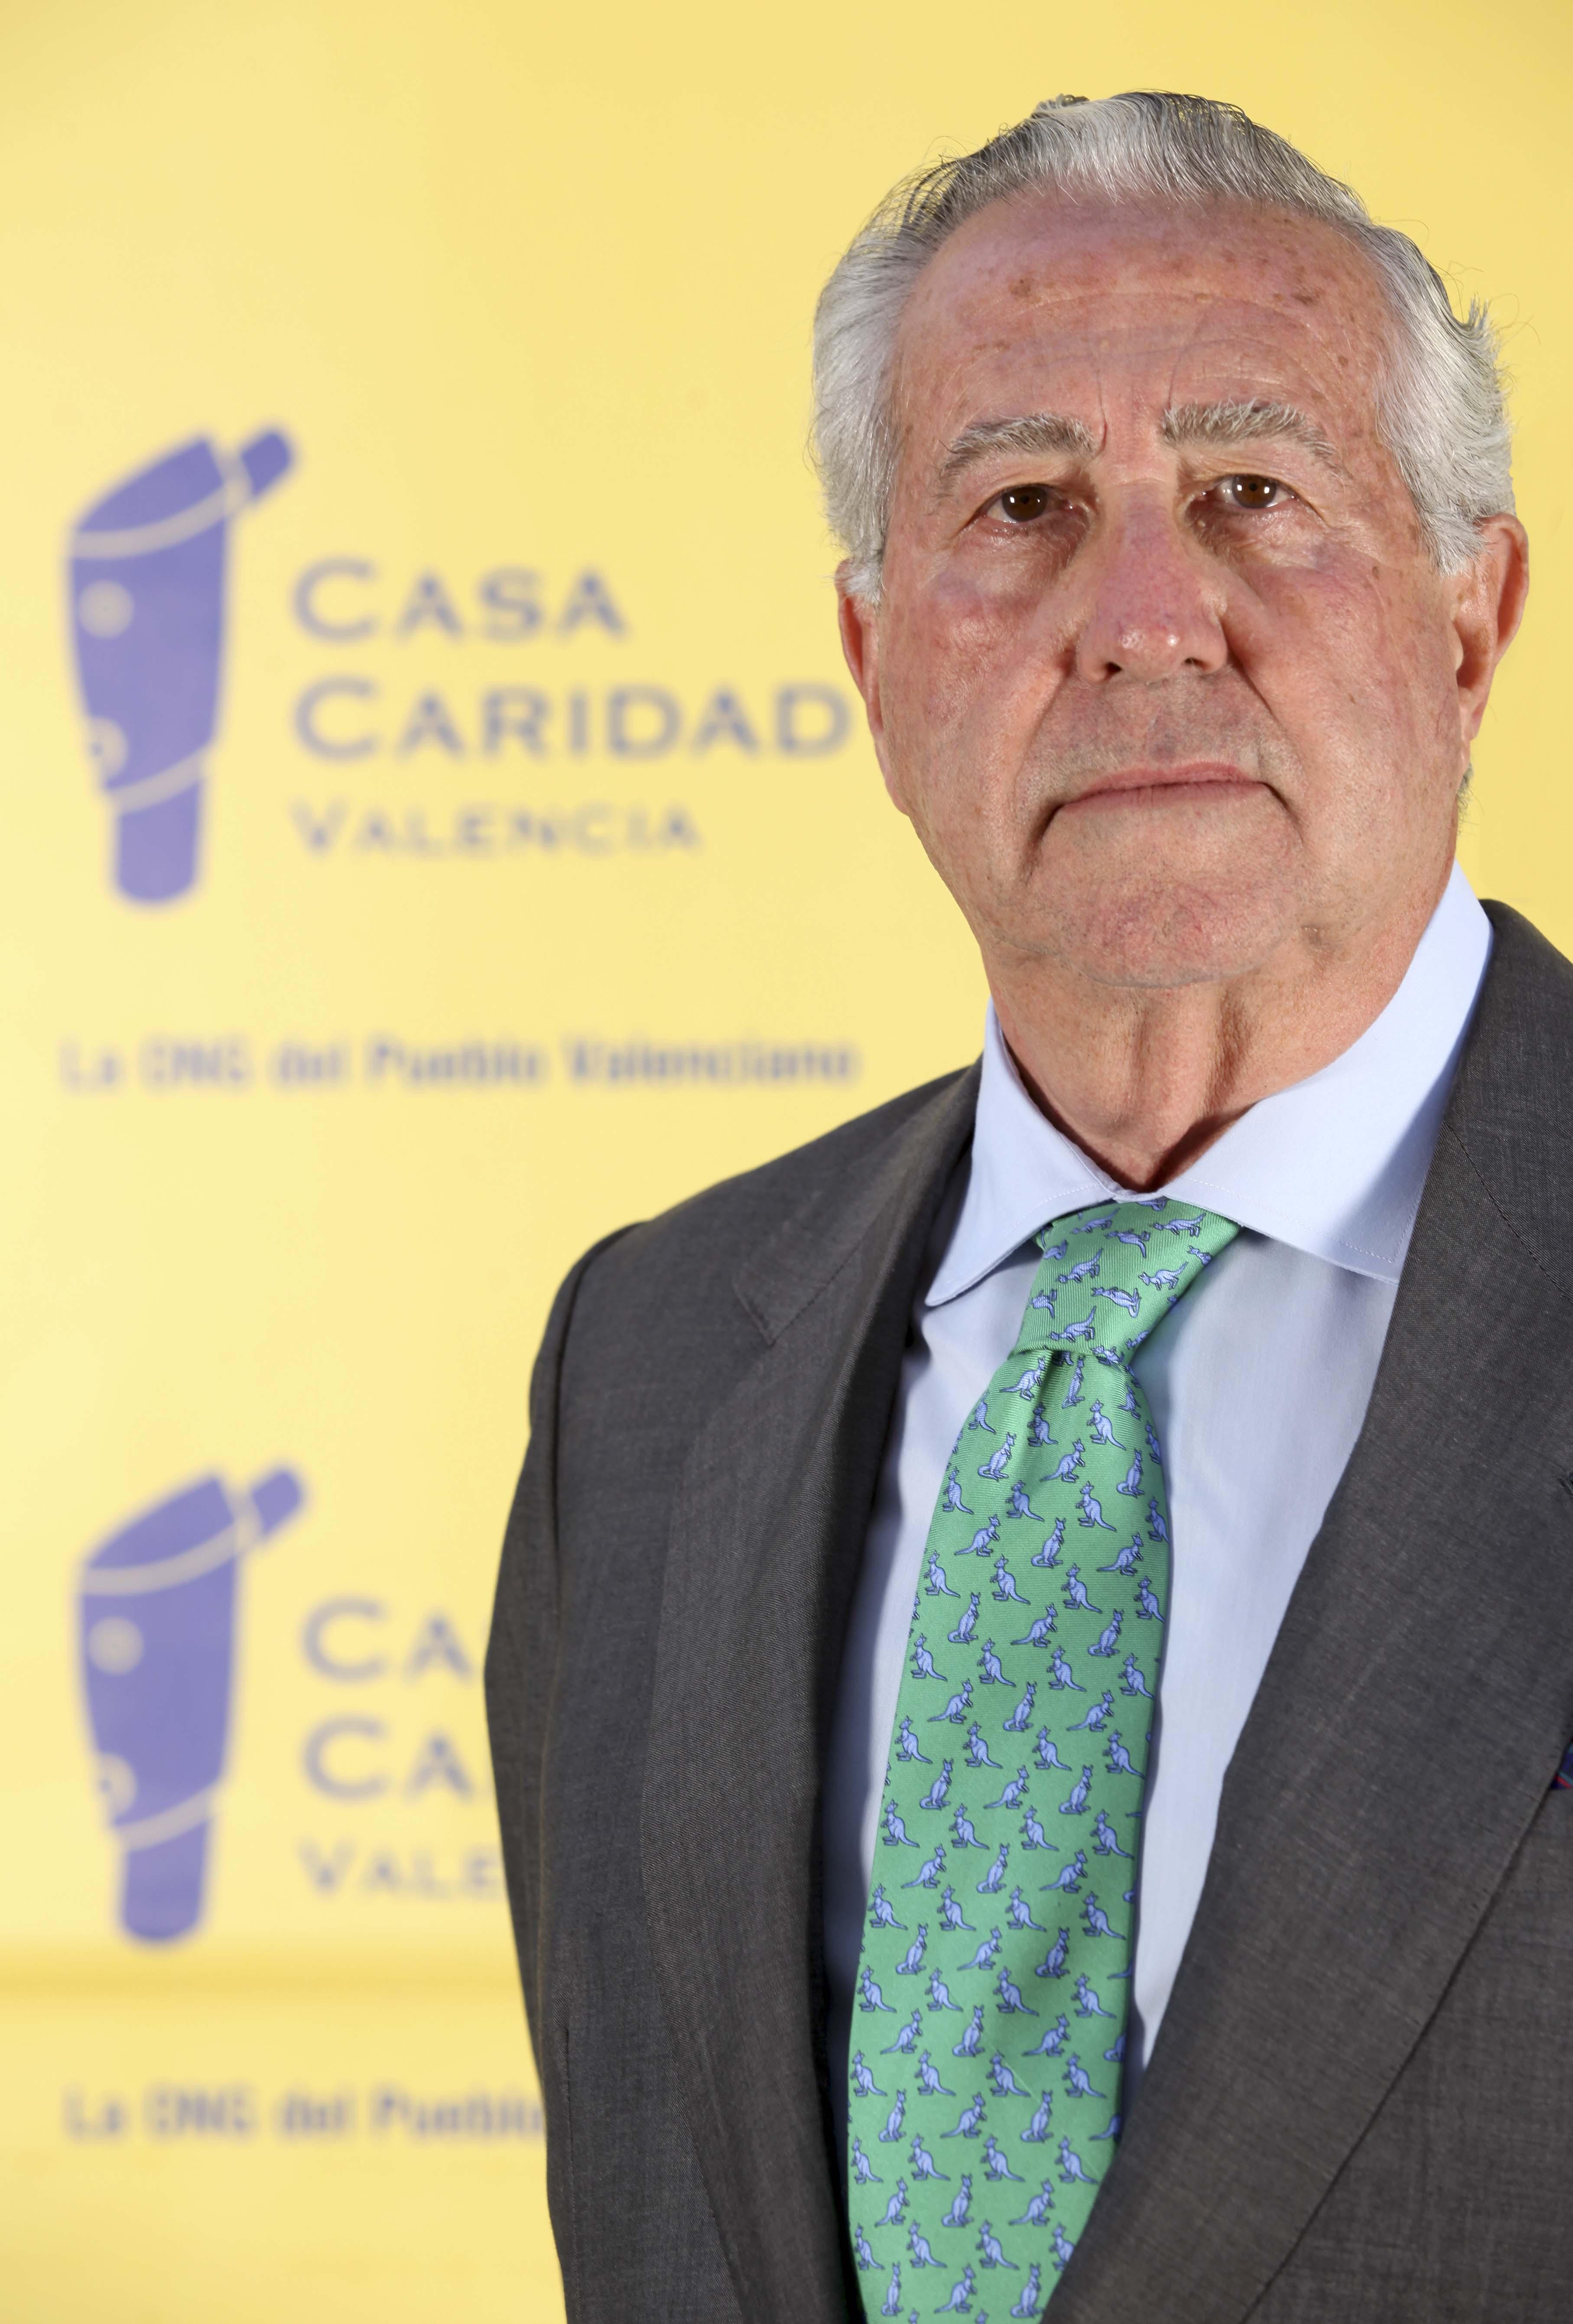 Antonio Casanova, Presidente de Casa Caridad.